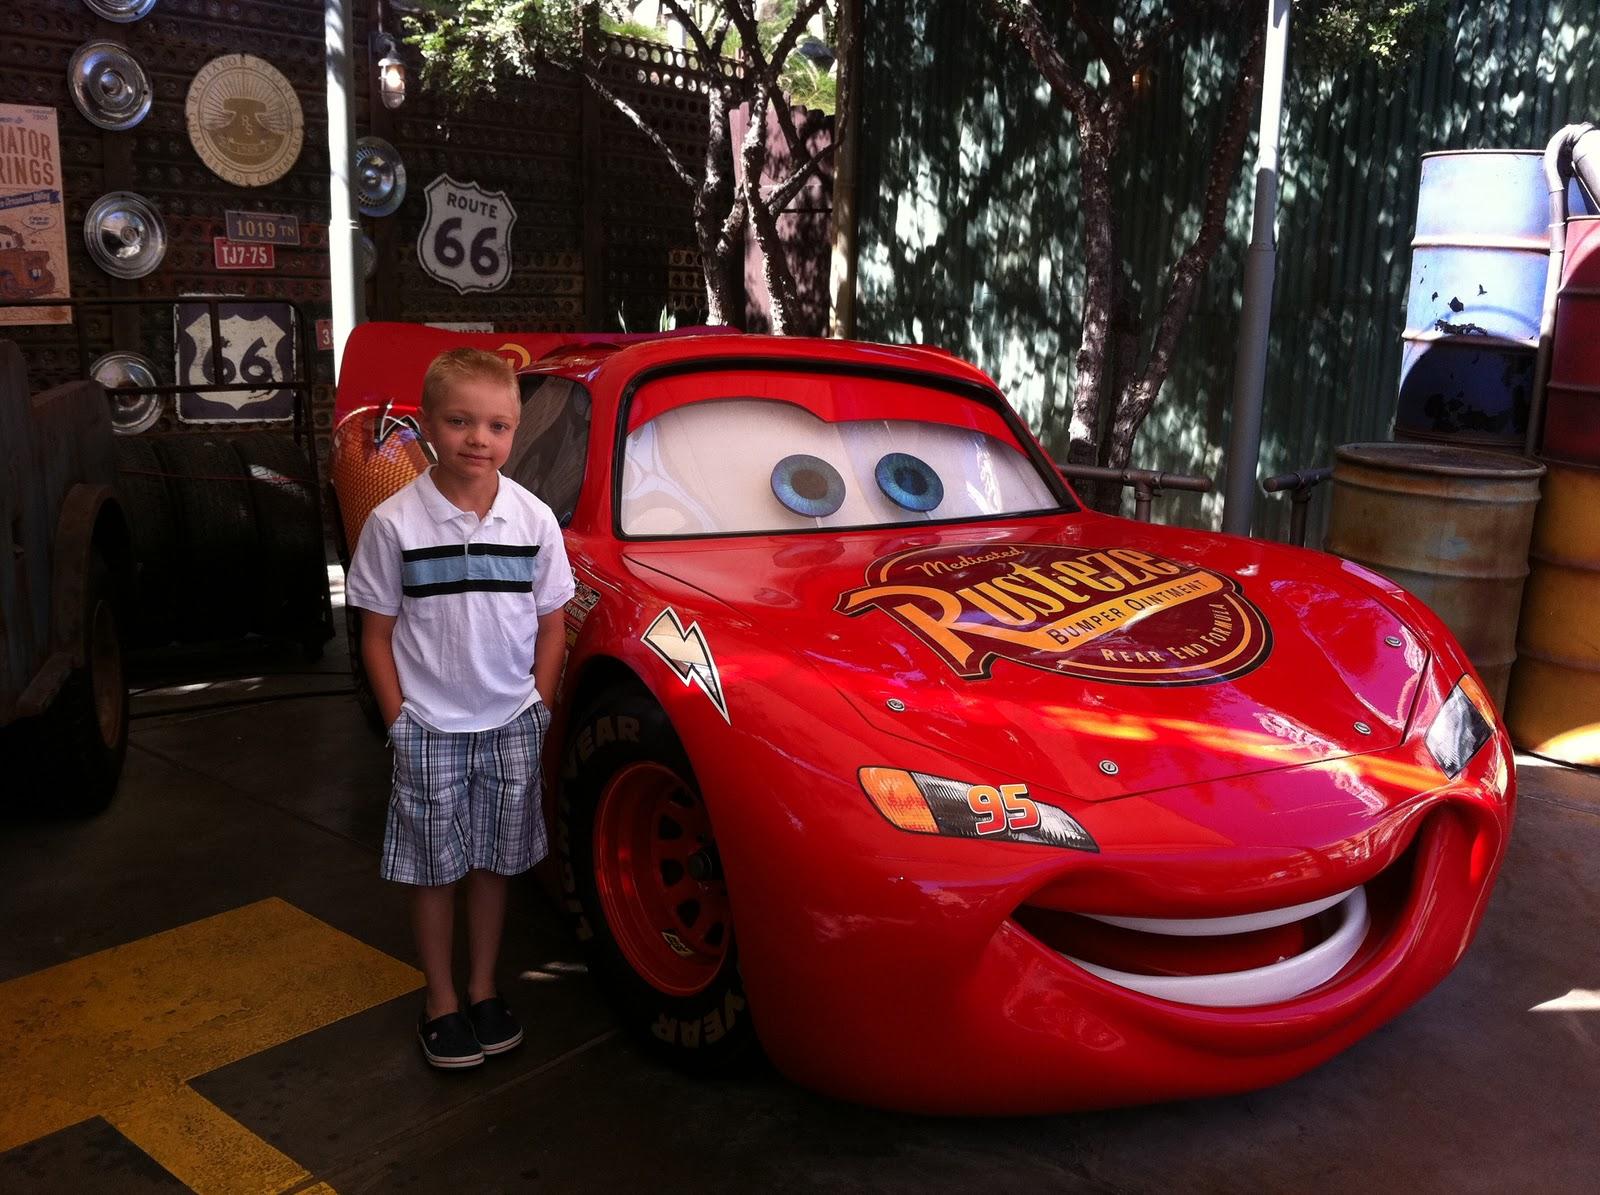 Disney Visa Photo with